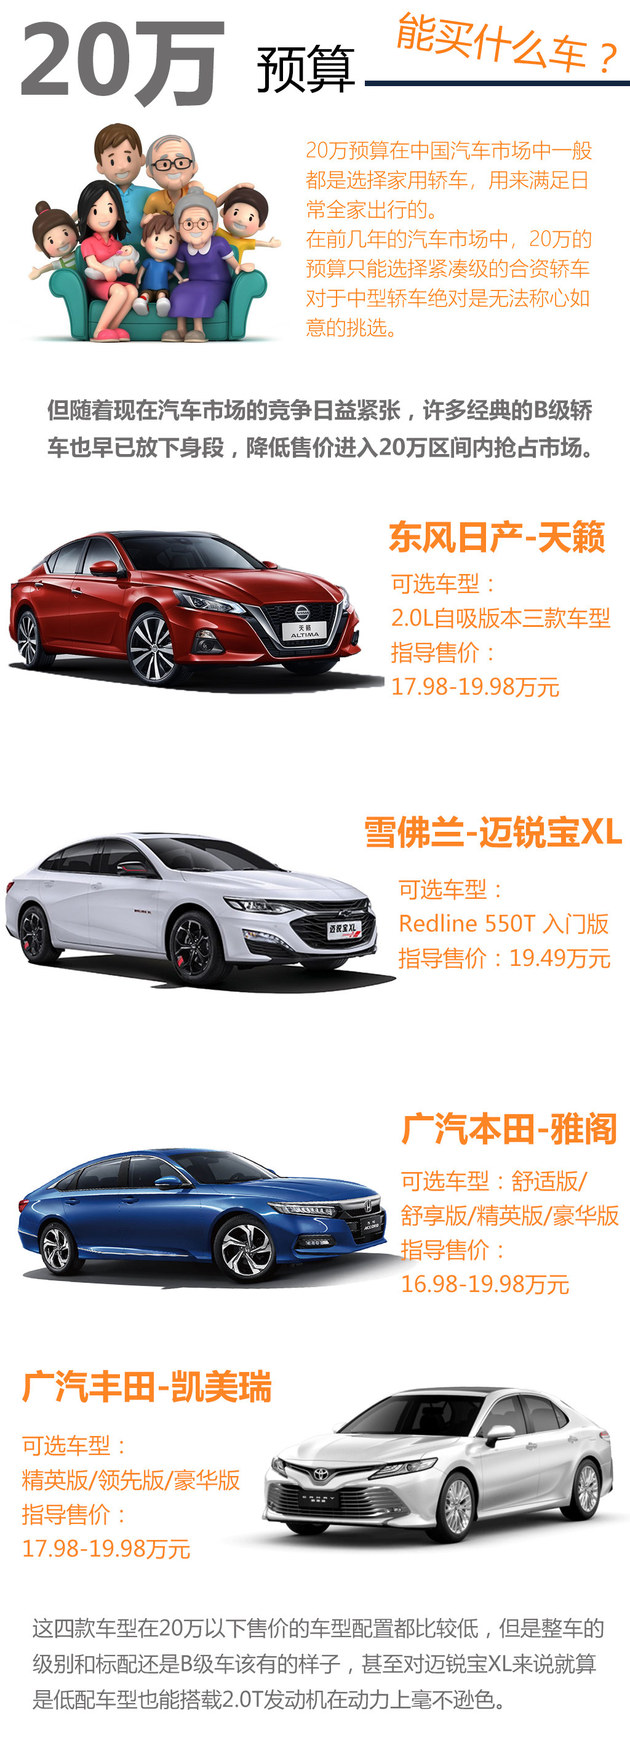 20万能买什么车?看四台合资B级车推荐